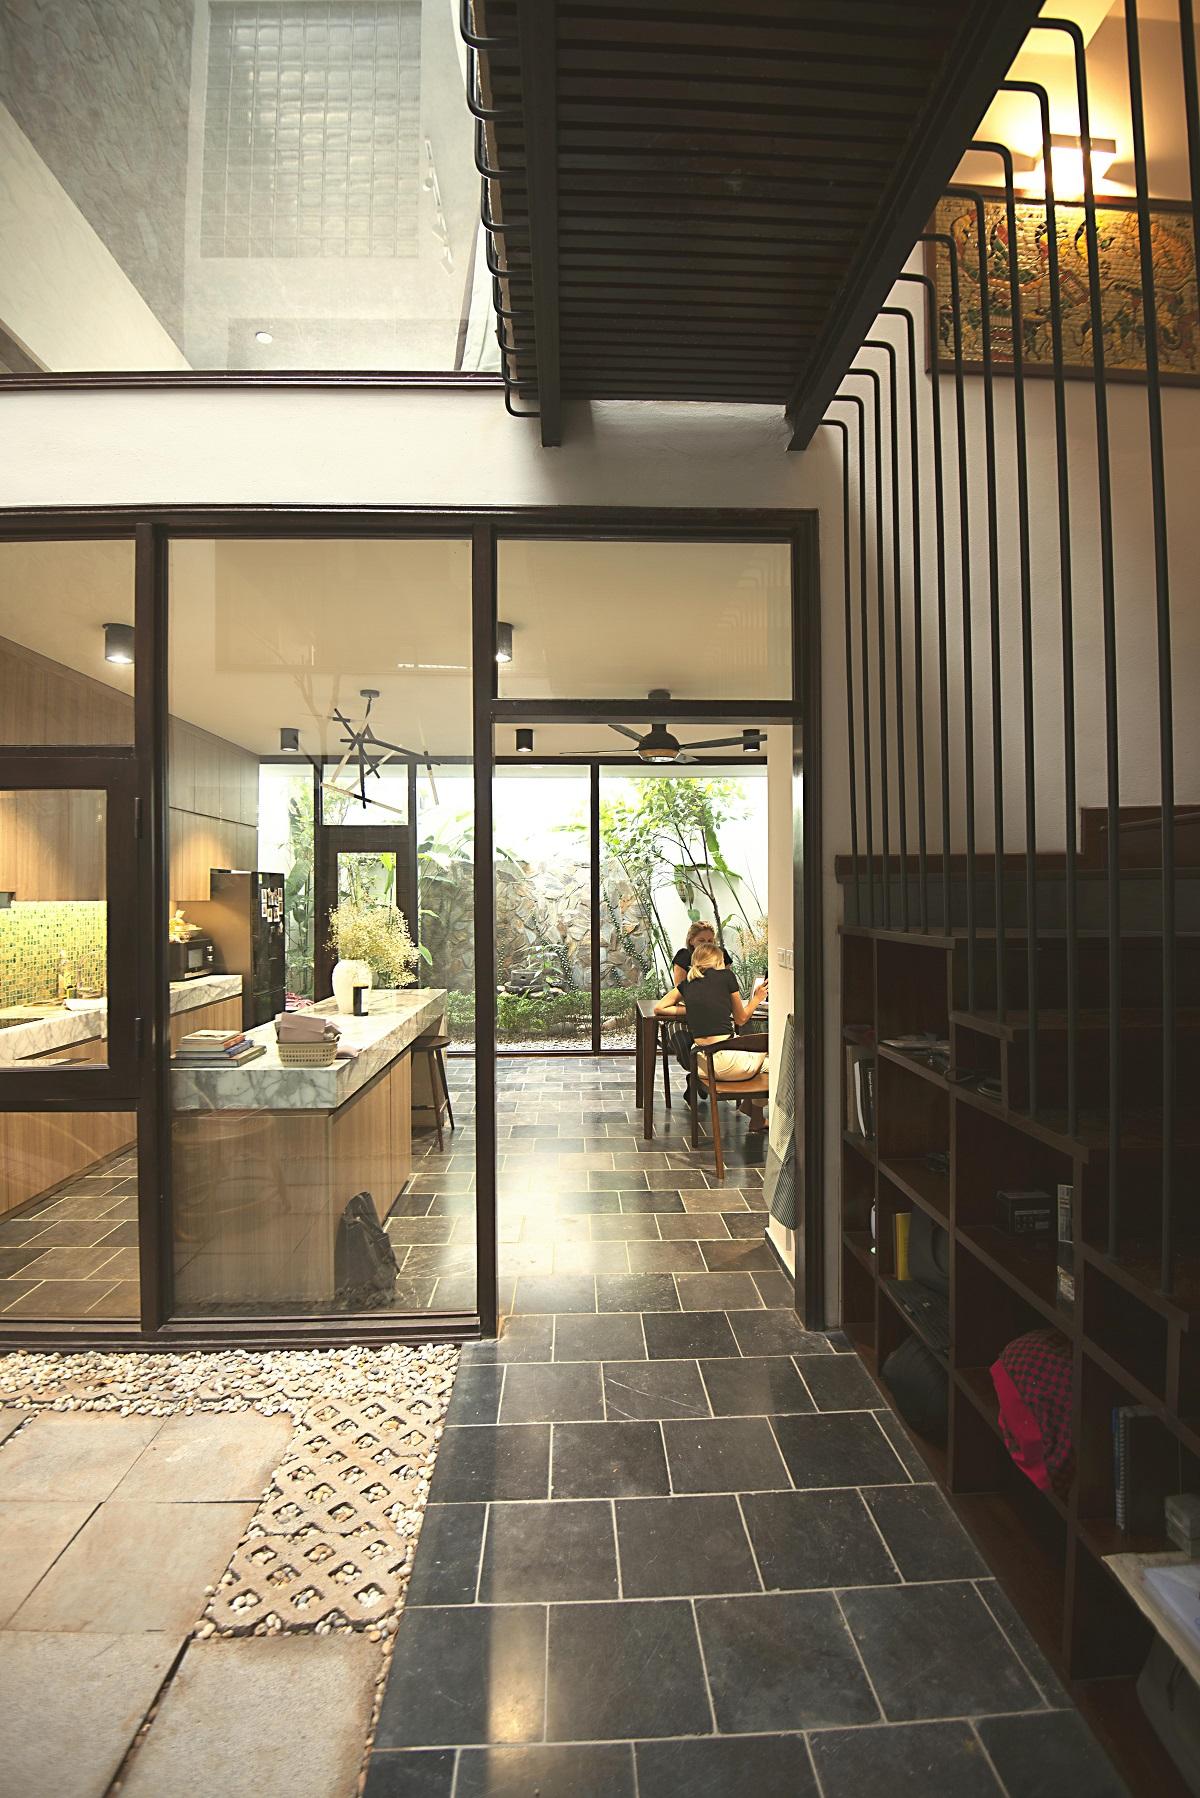 kienviet maison de ha net dep co truyen trong con ngo nho s a studio 20 - Maison de Ha - Nét xưa trong ngõ nhỏ